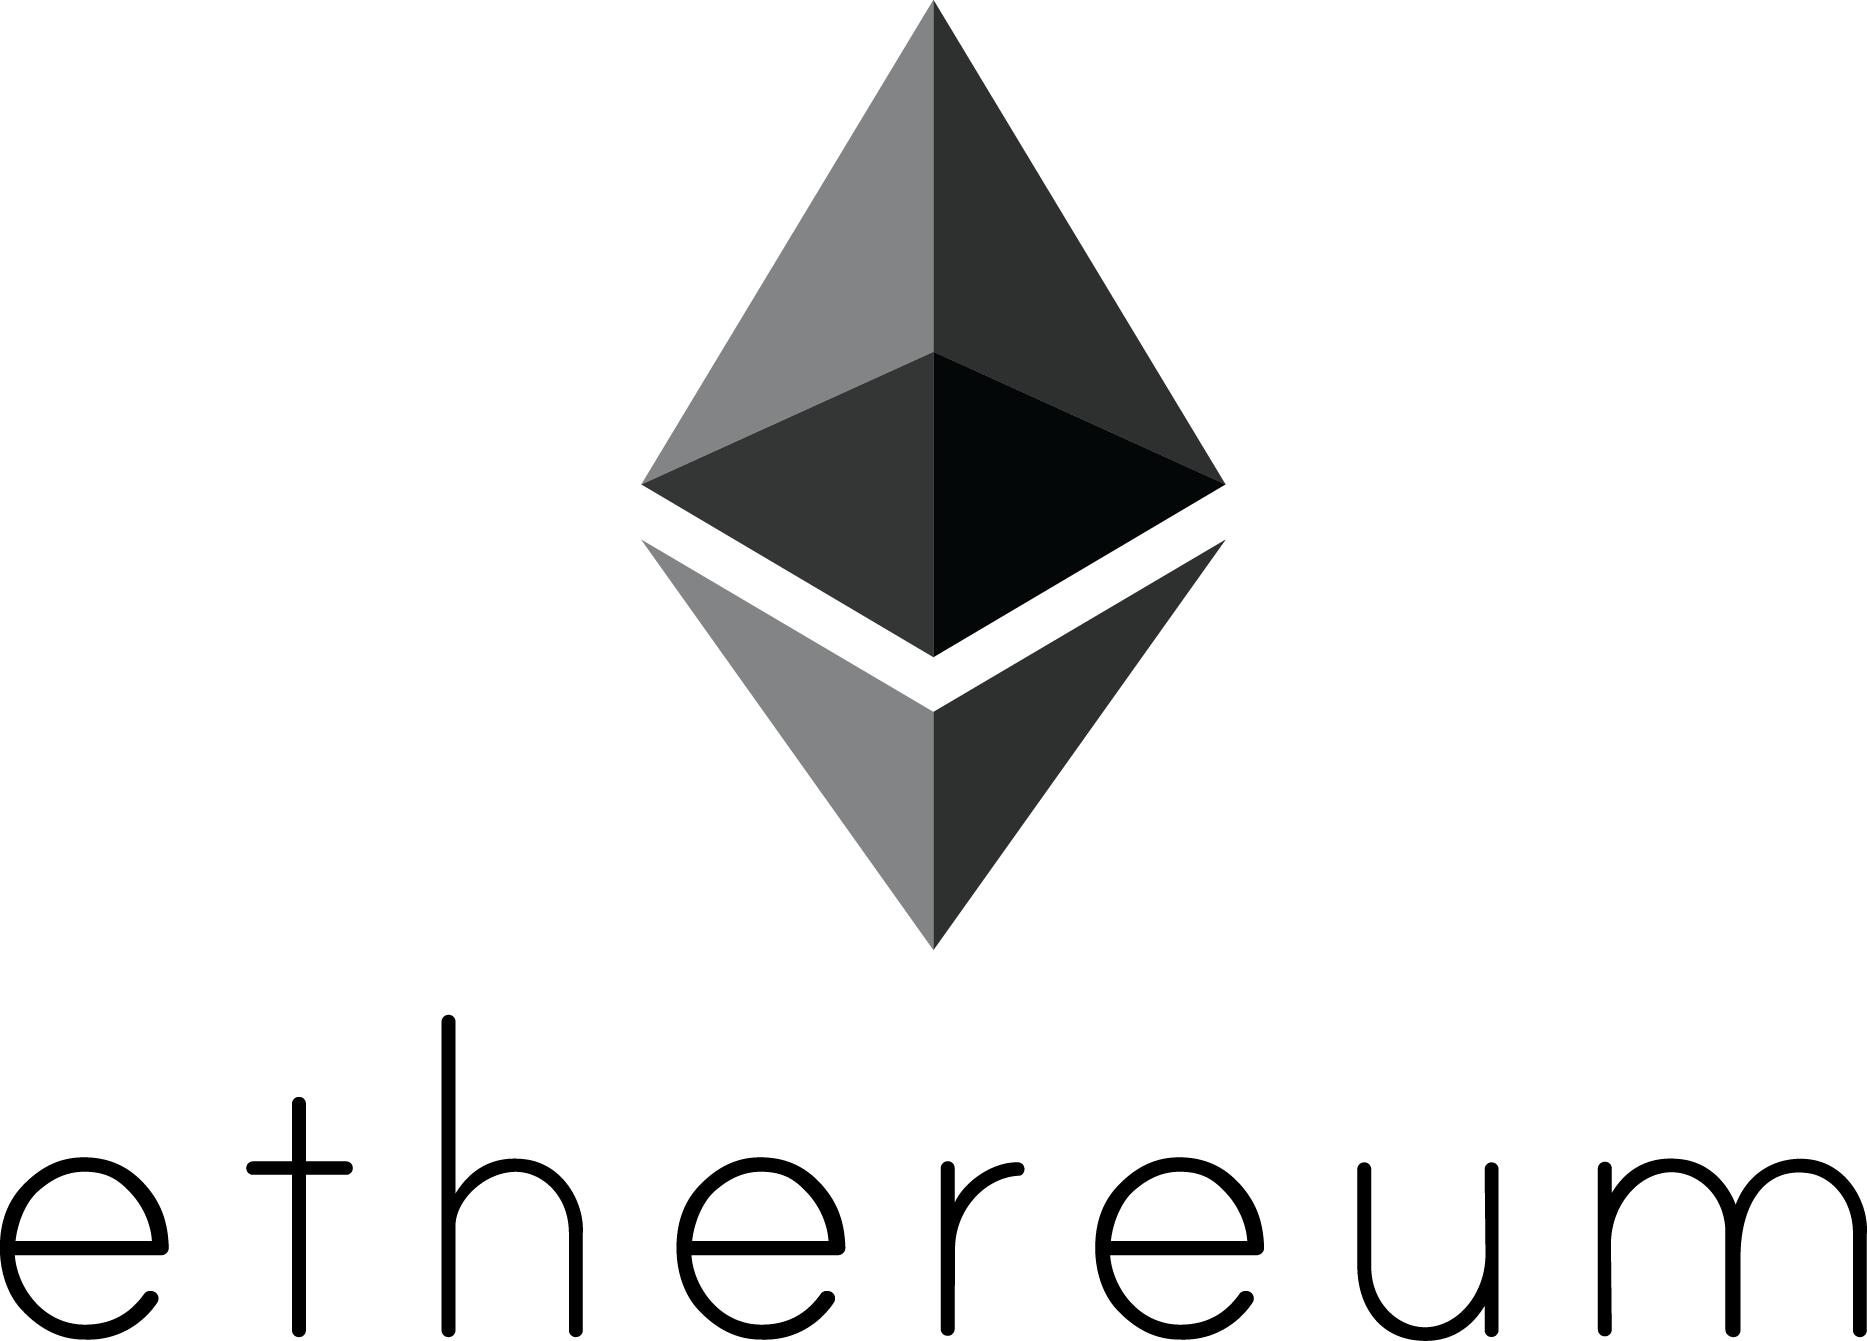 ethereum_logo.png